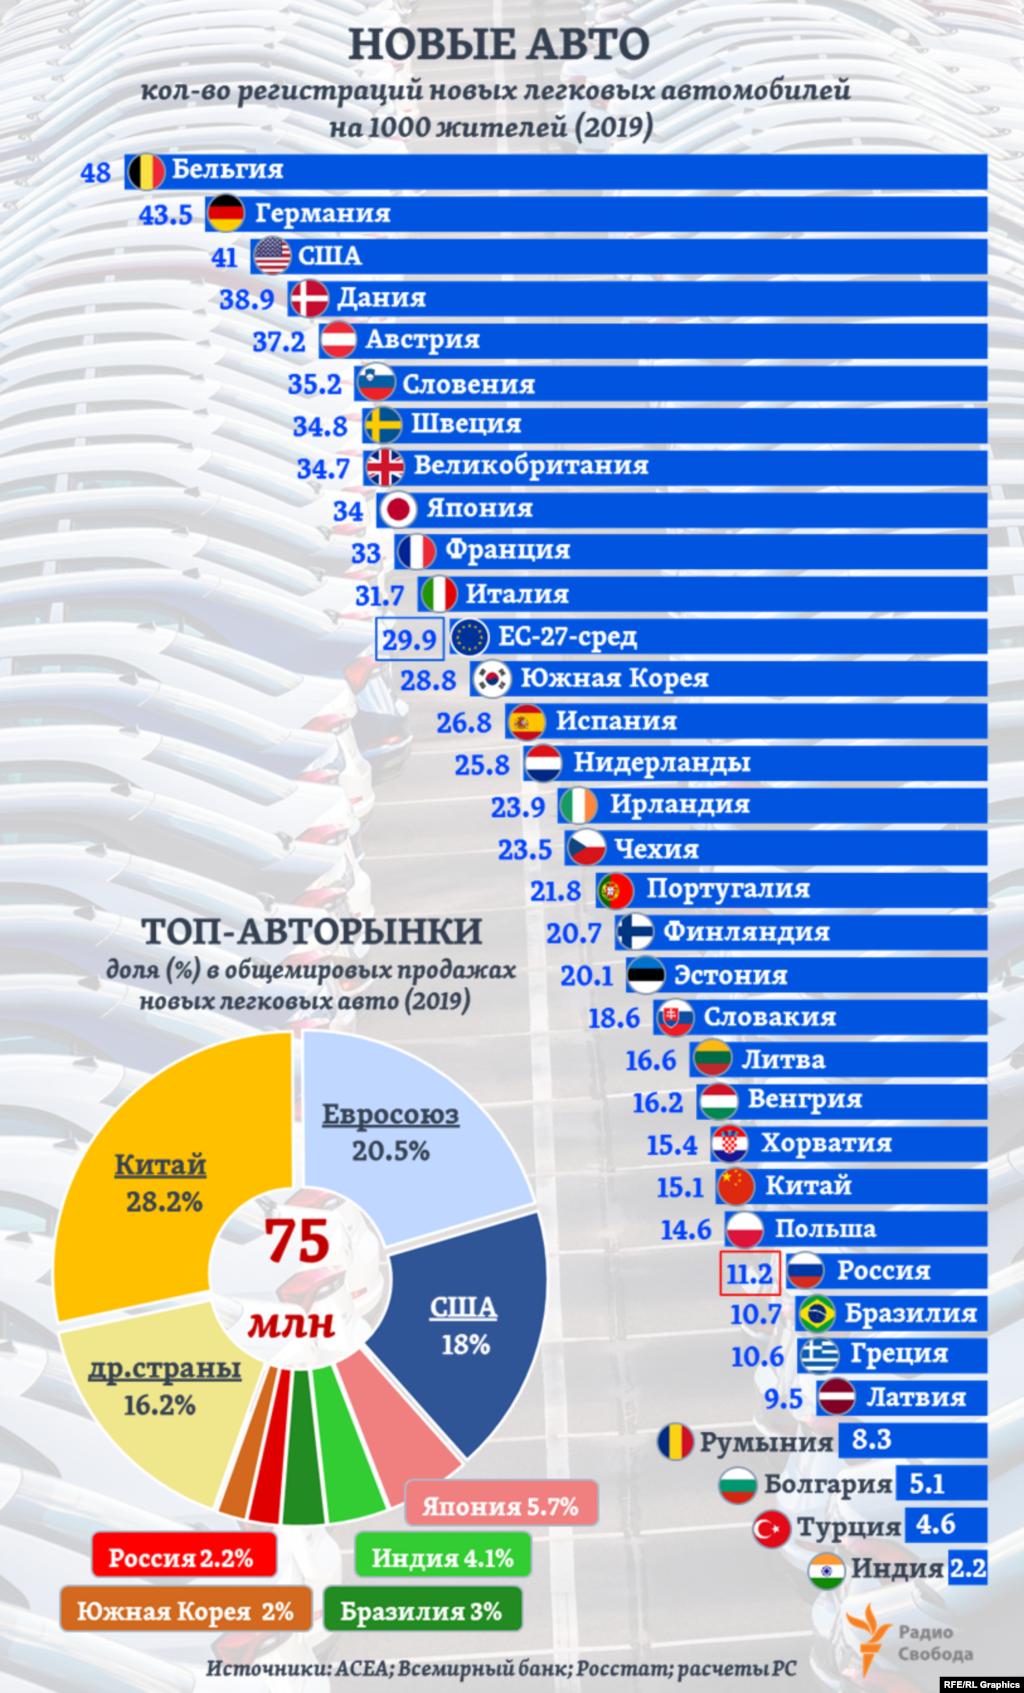 В 2019 году в мире было зарегистрировано в целом74,946 млн купленных населением новых легковых пассажирских автомобилей. 67% этих продаж пришлось на Китай, ЕС и США. При этом в Европе, по данным АСЕА, самый высокий относительный уровень регистраций новых легковых автомобилей - в Люксембурге (90 новых авто на 1000 жителей). Это почти вдвое больше, чем у ближайших по этому показателю стран ЕС. Для его расчета по другим странам на графике мы сопоставили оценки АСЕА по количеству регистраций новых автомобилей с данными Всемирного банка по средней численности населения в 2019 году (для России – данные Росстата).